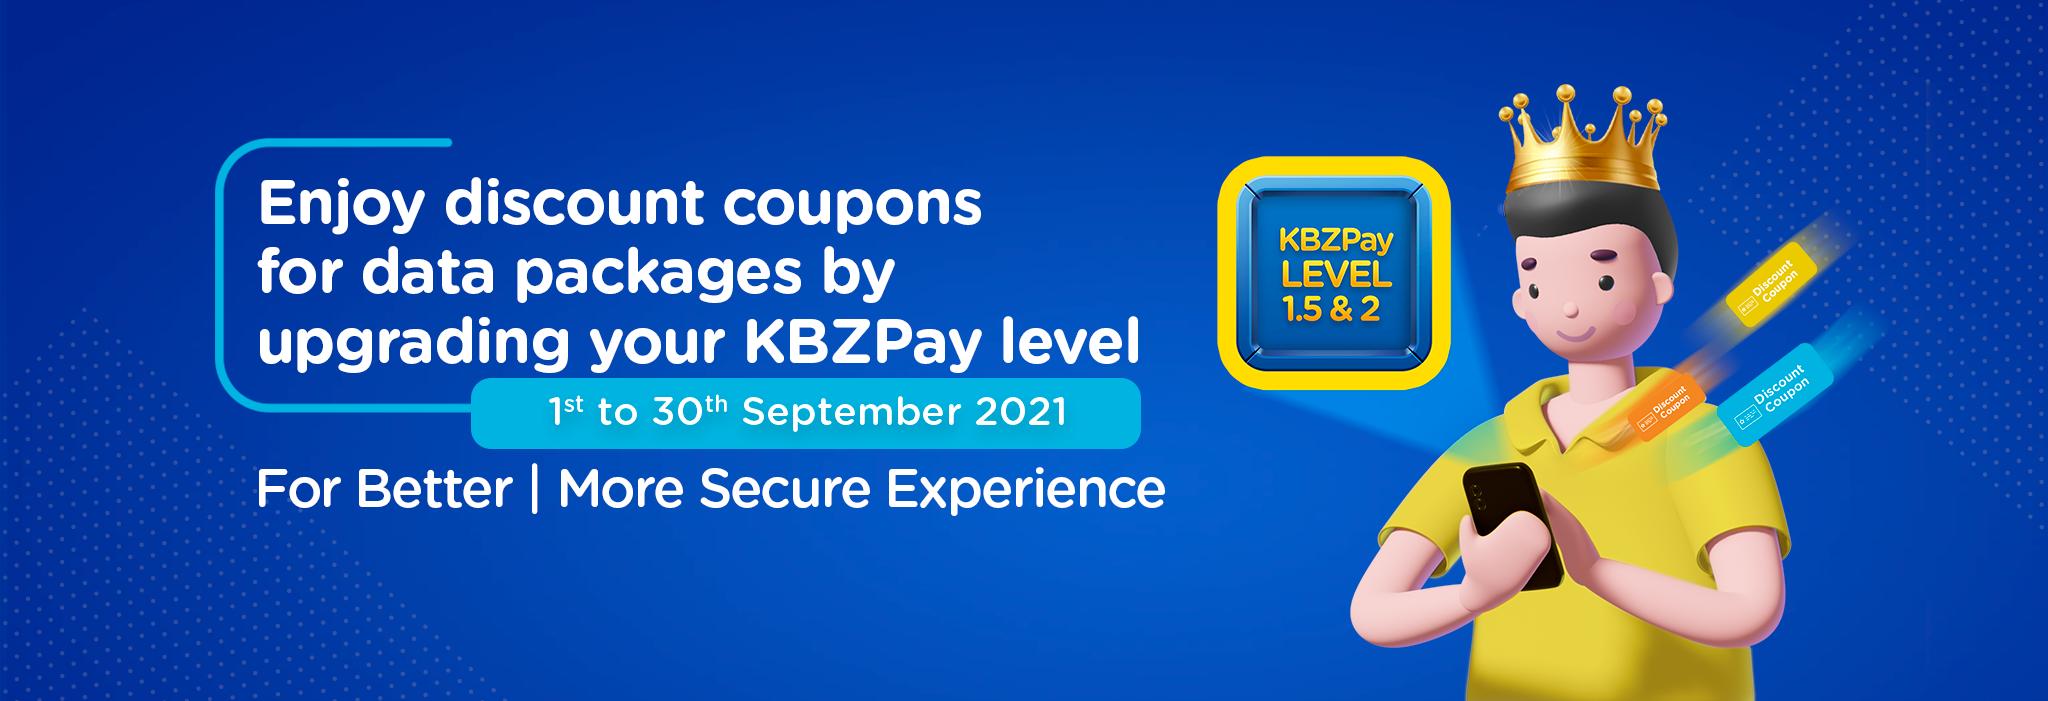 KBZPay_LevelUpgrade